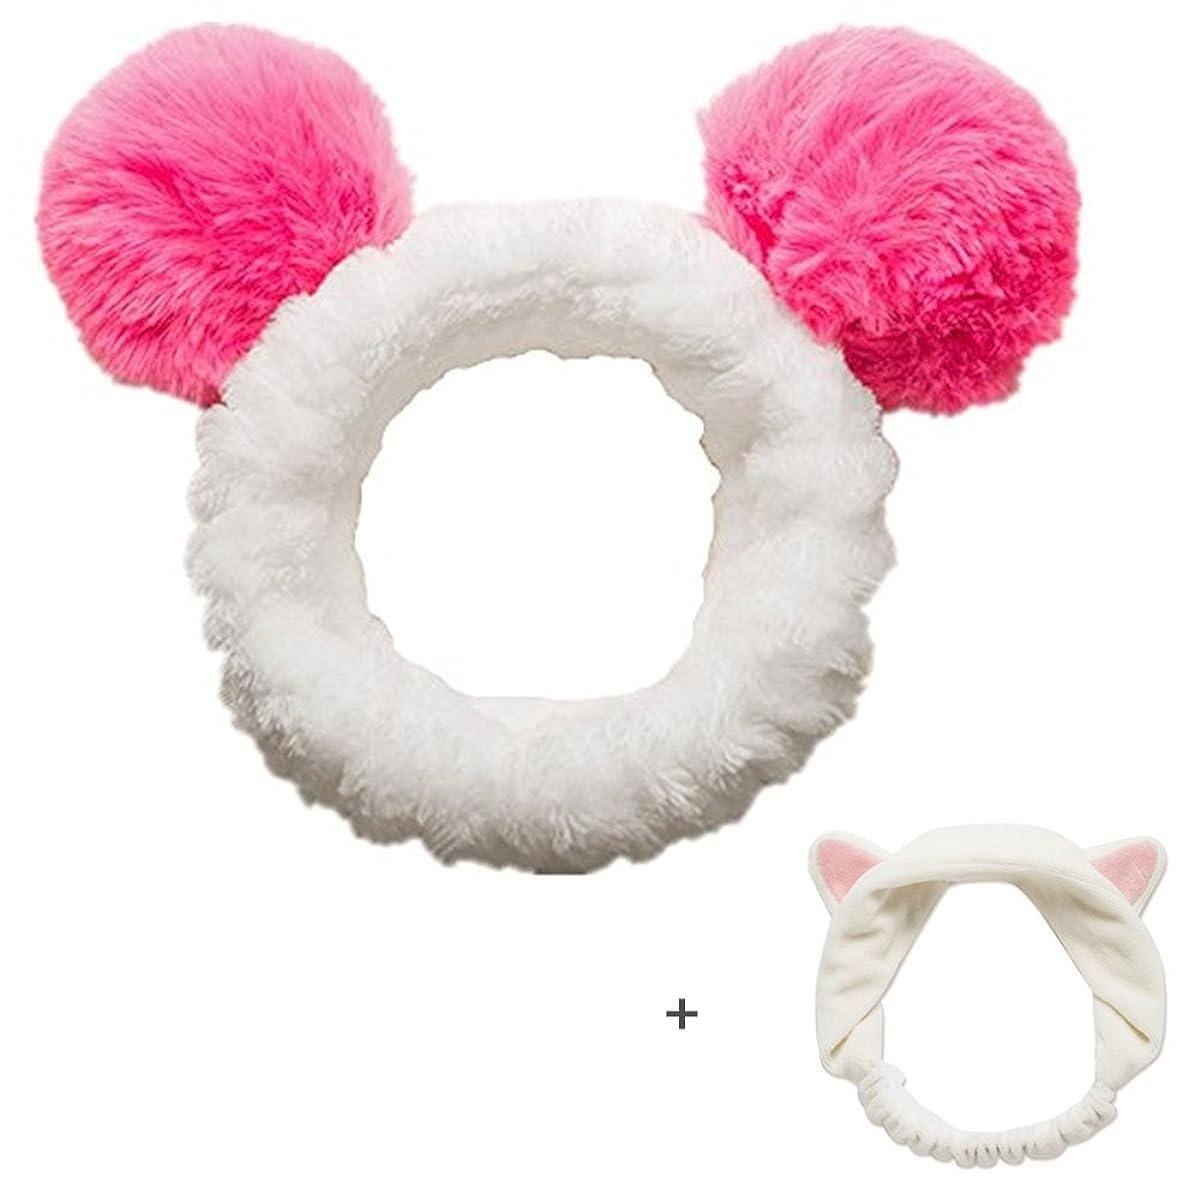 宗教的な彼ら天皇可愛い パンダ 猫耳 2枚セット ヘアドライタオル ドライターバン 吸水速乾 吸水タオルキャップ (レッド)